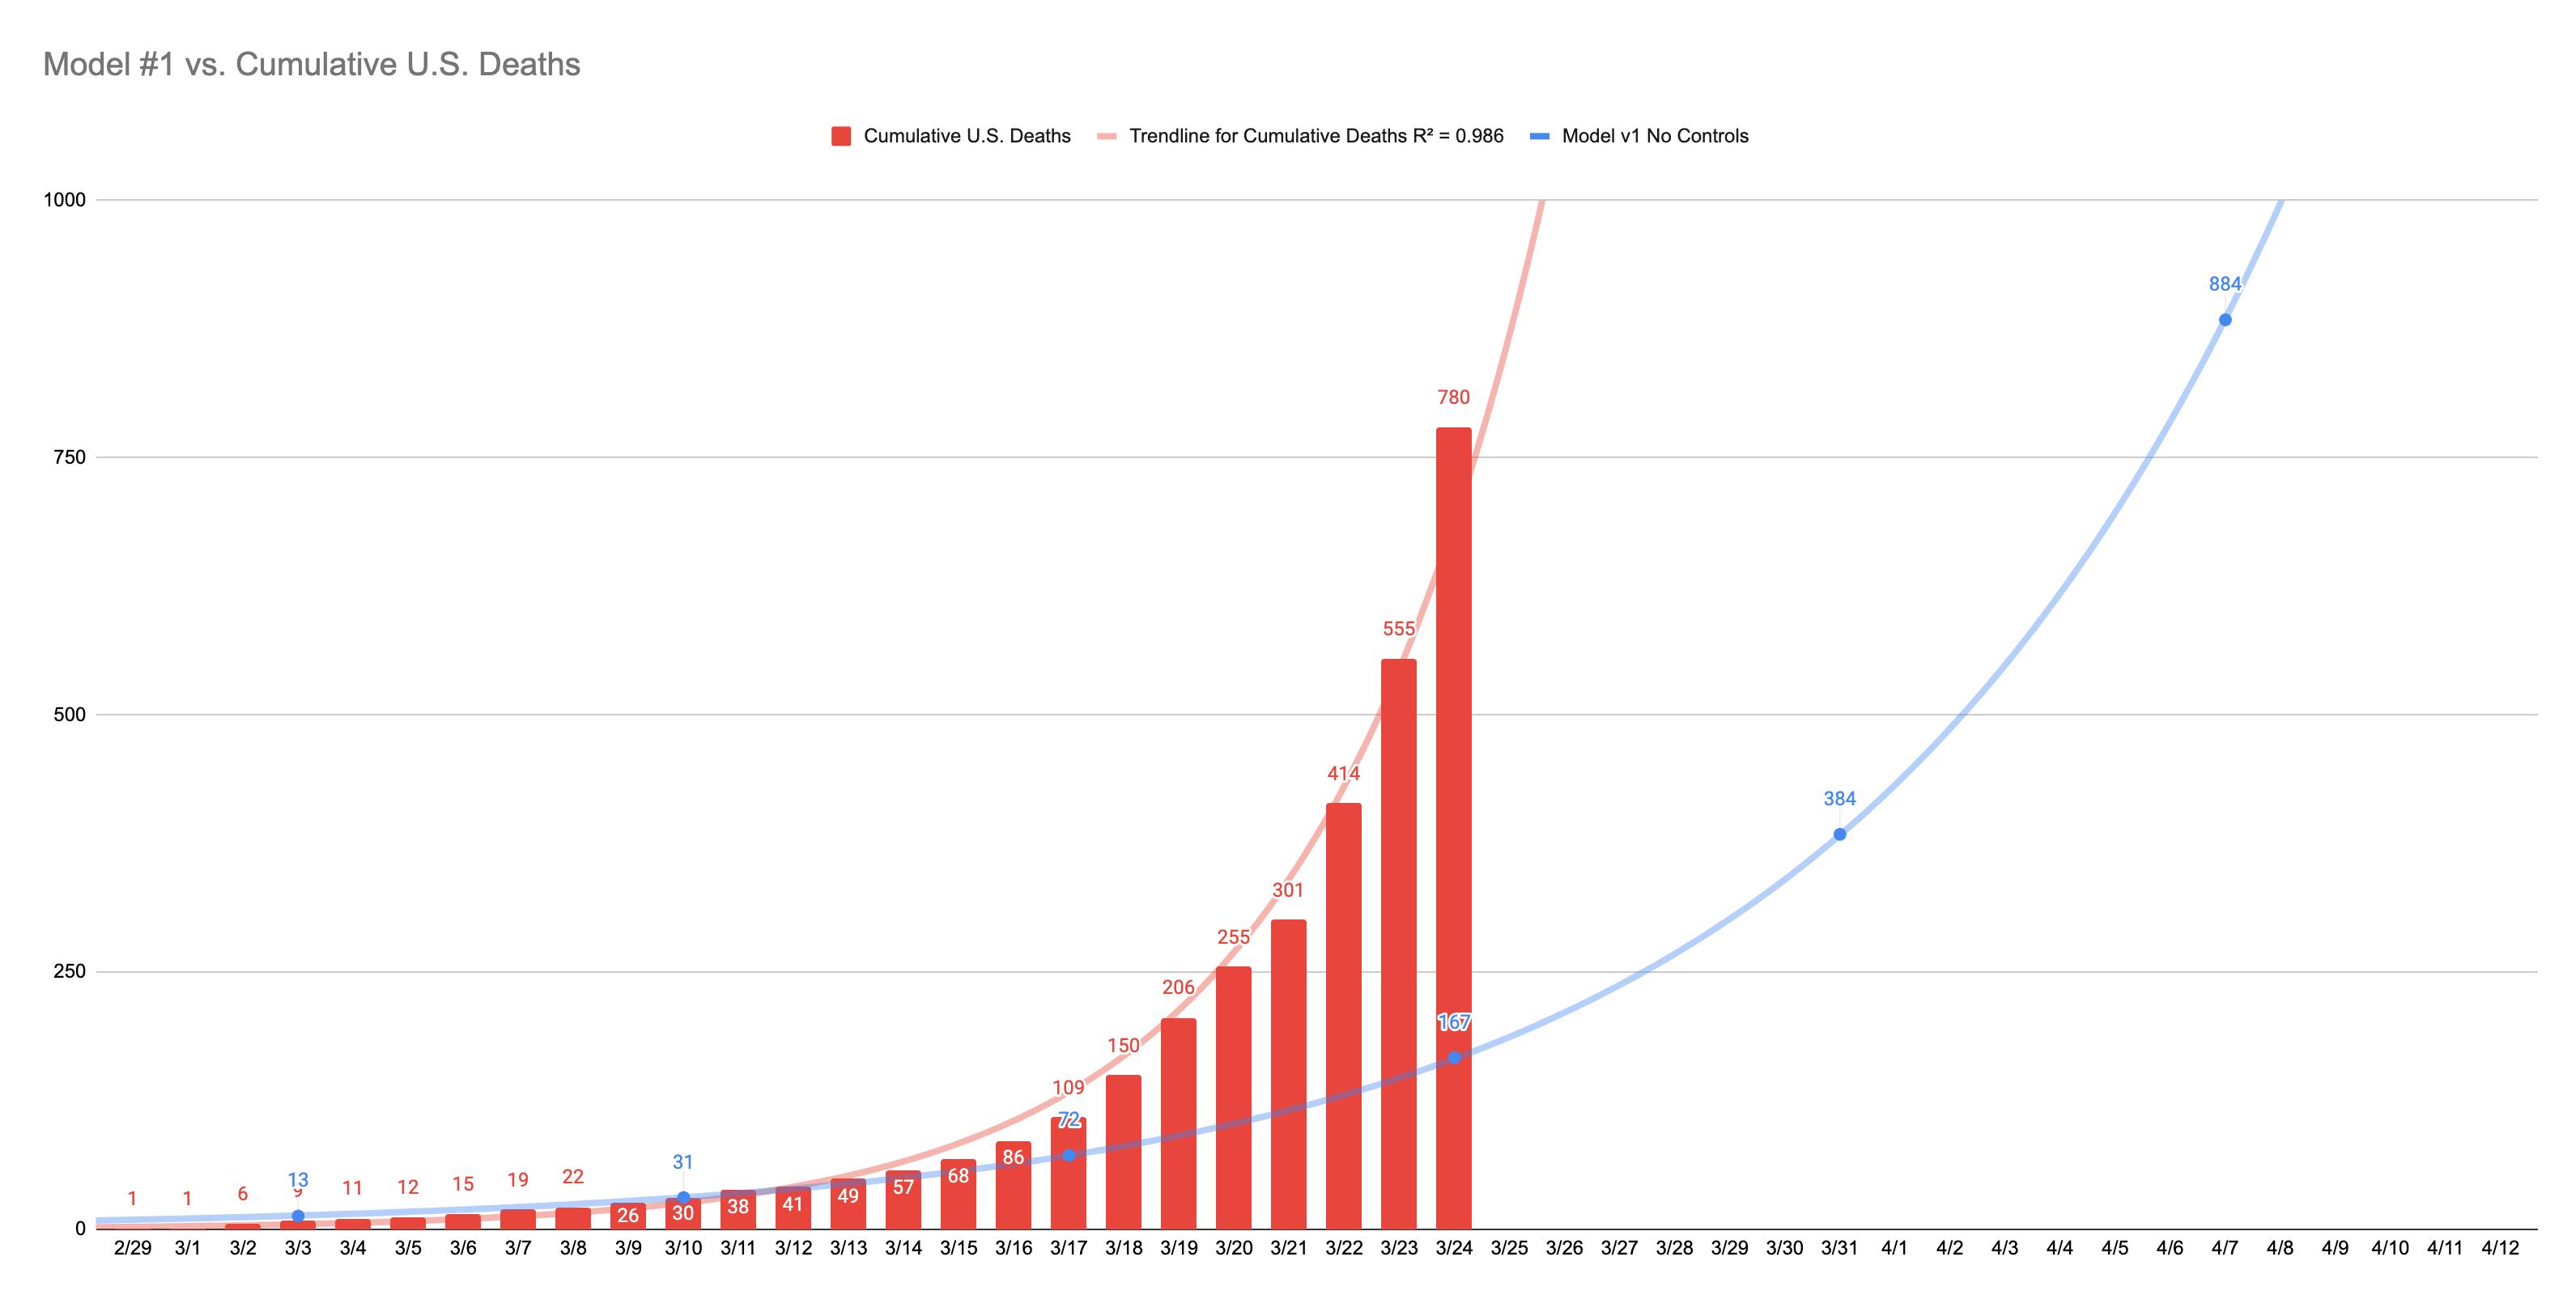 Model #1 vs. Cumulative U.S. Deaths